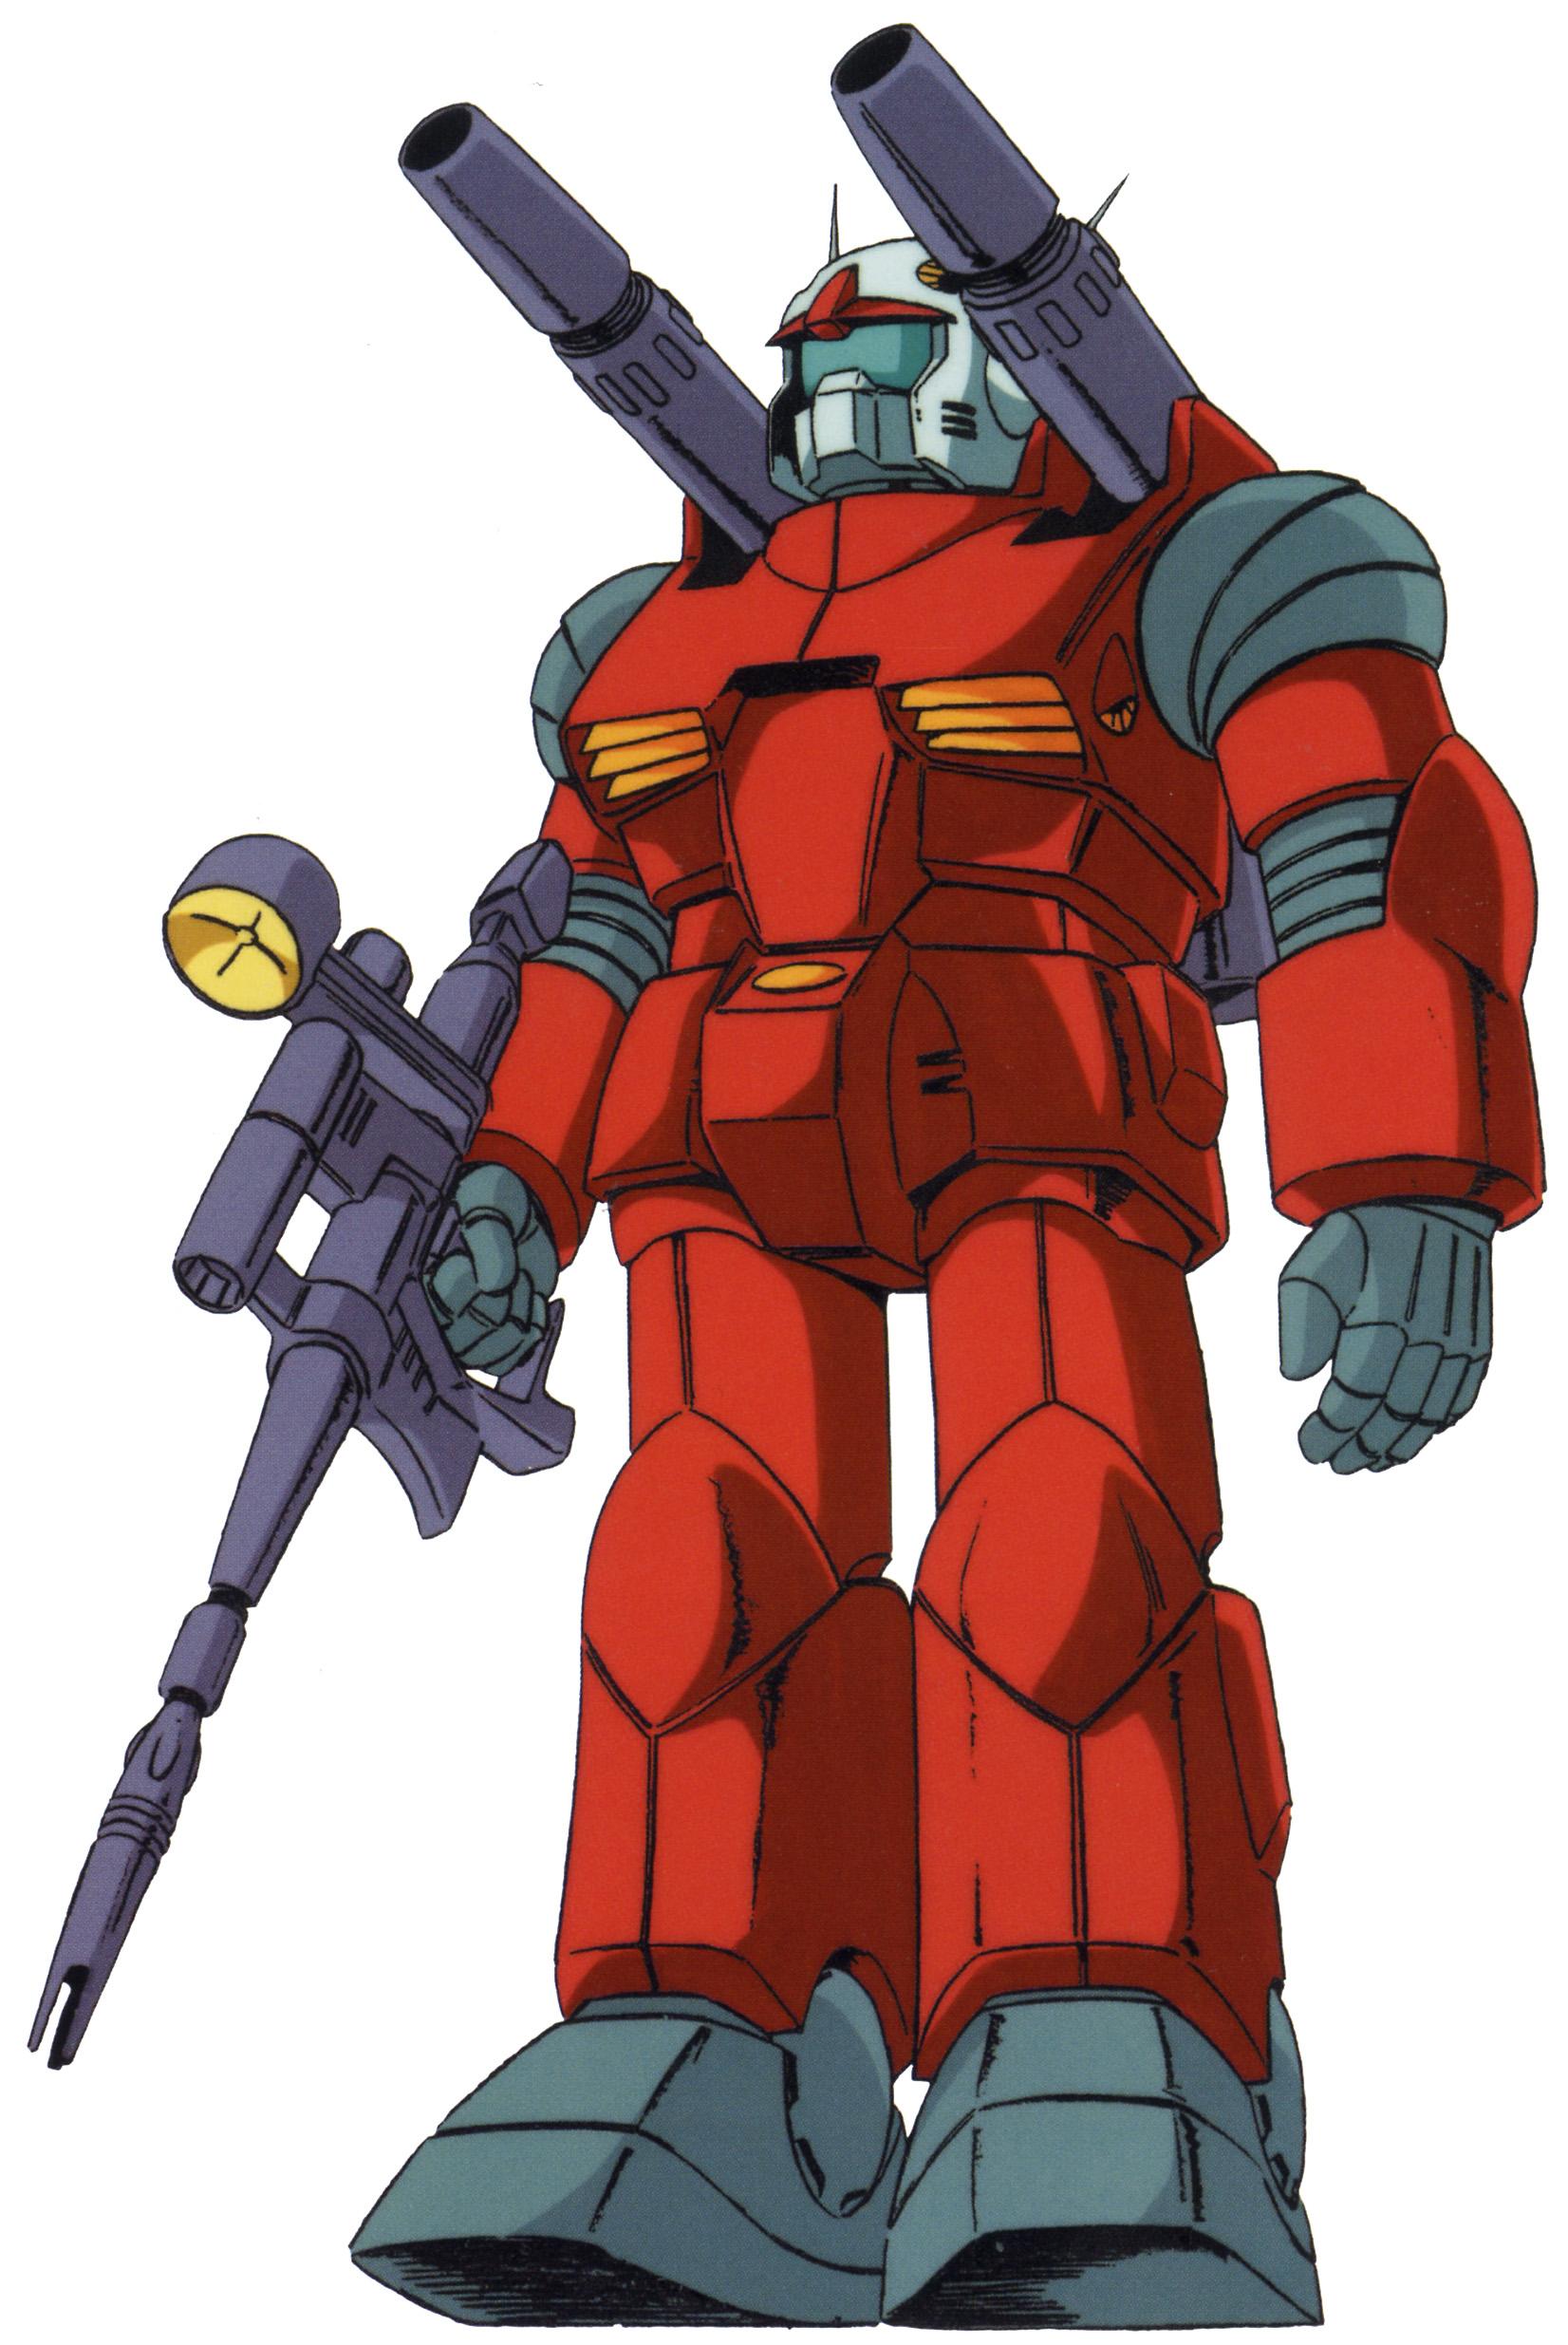 RX-77-2 Guncannon Rx-77-2